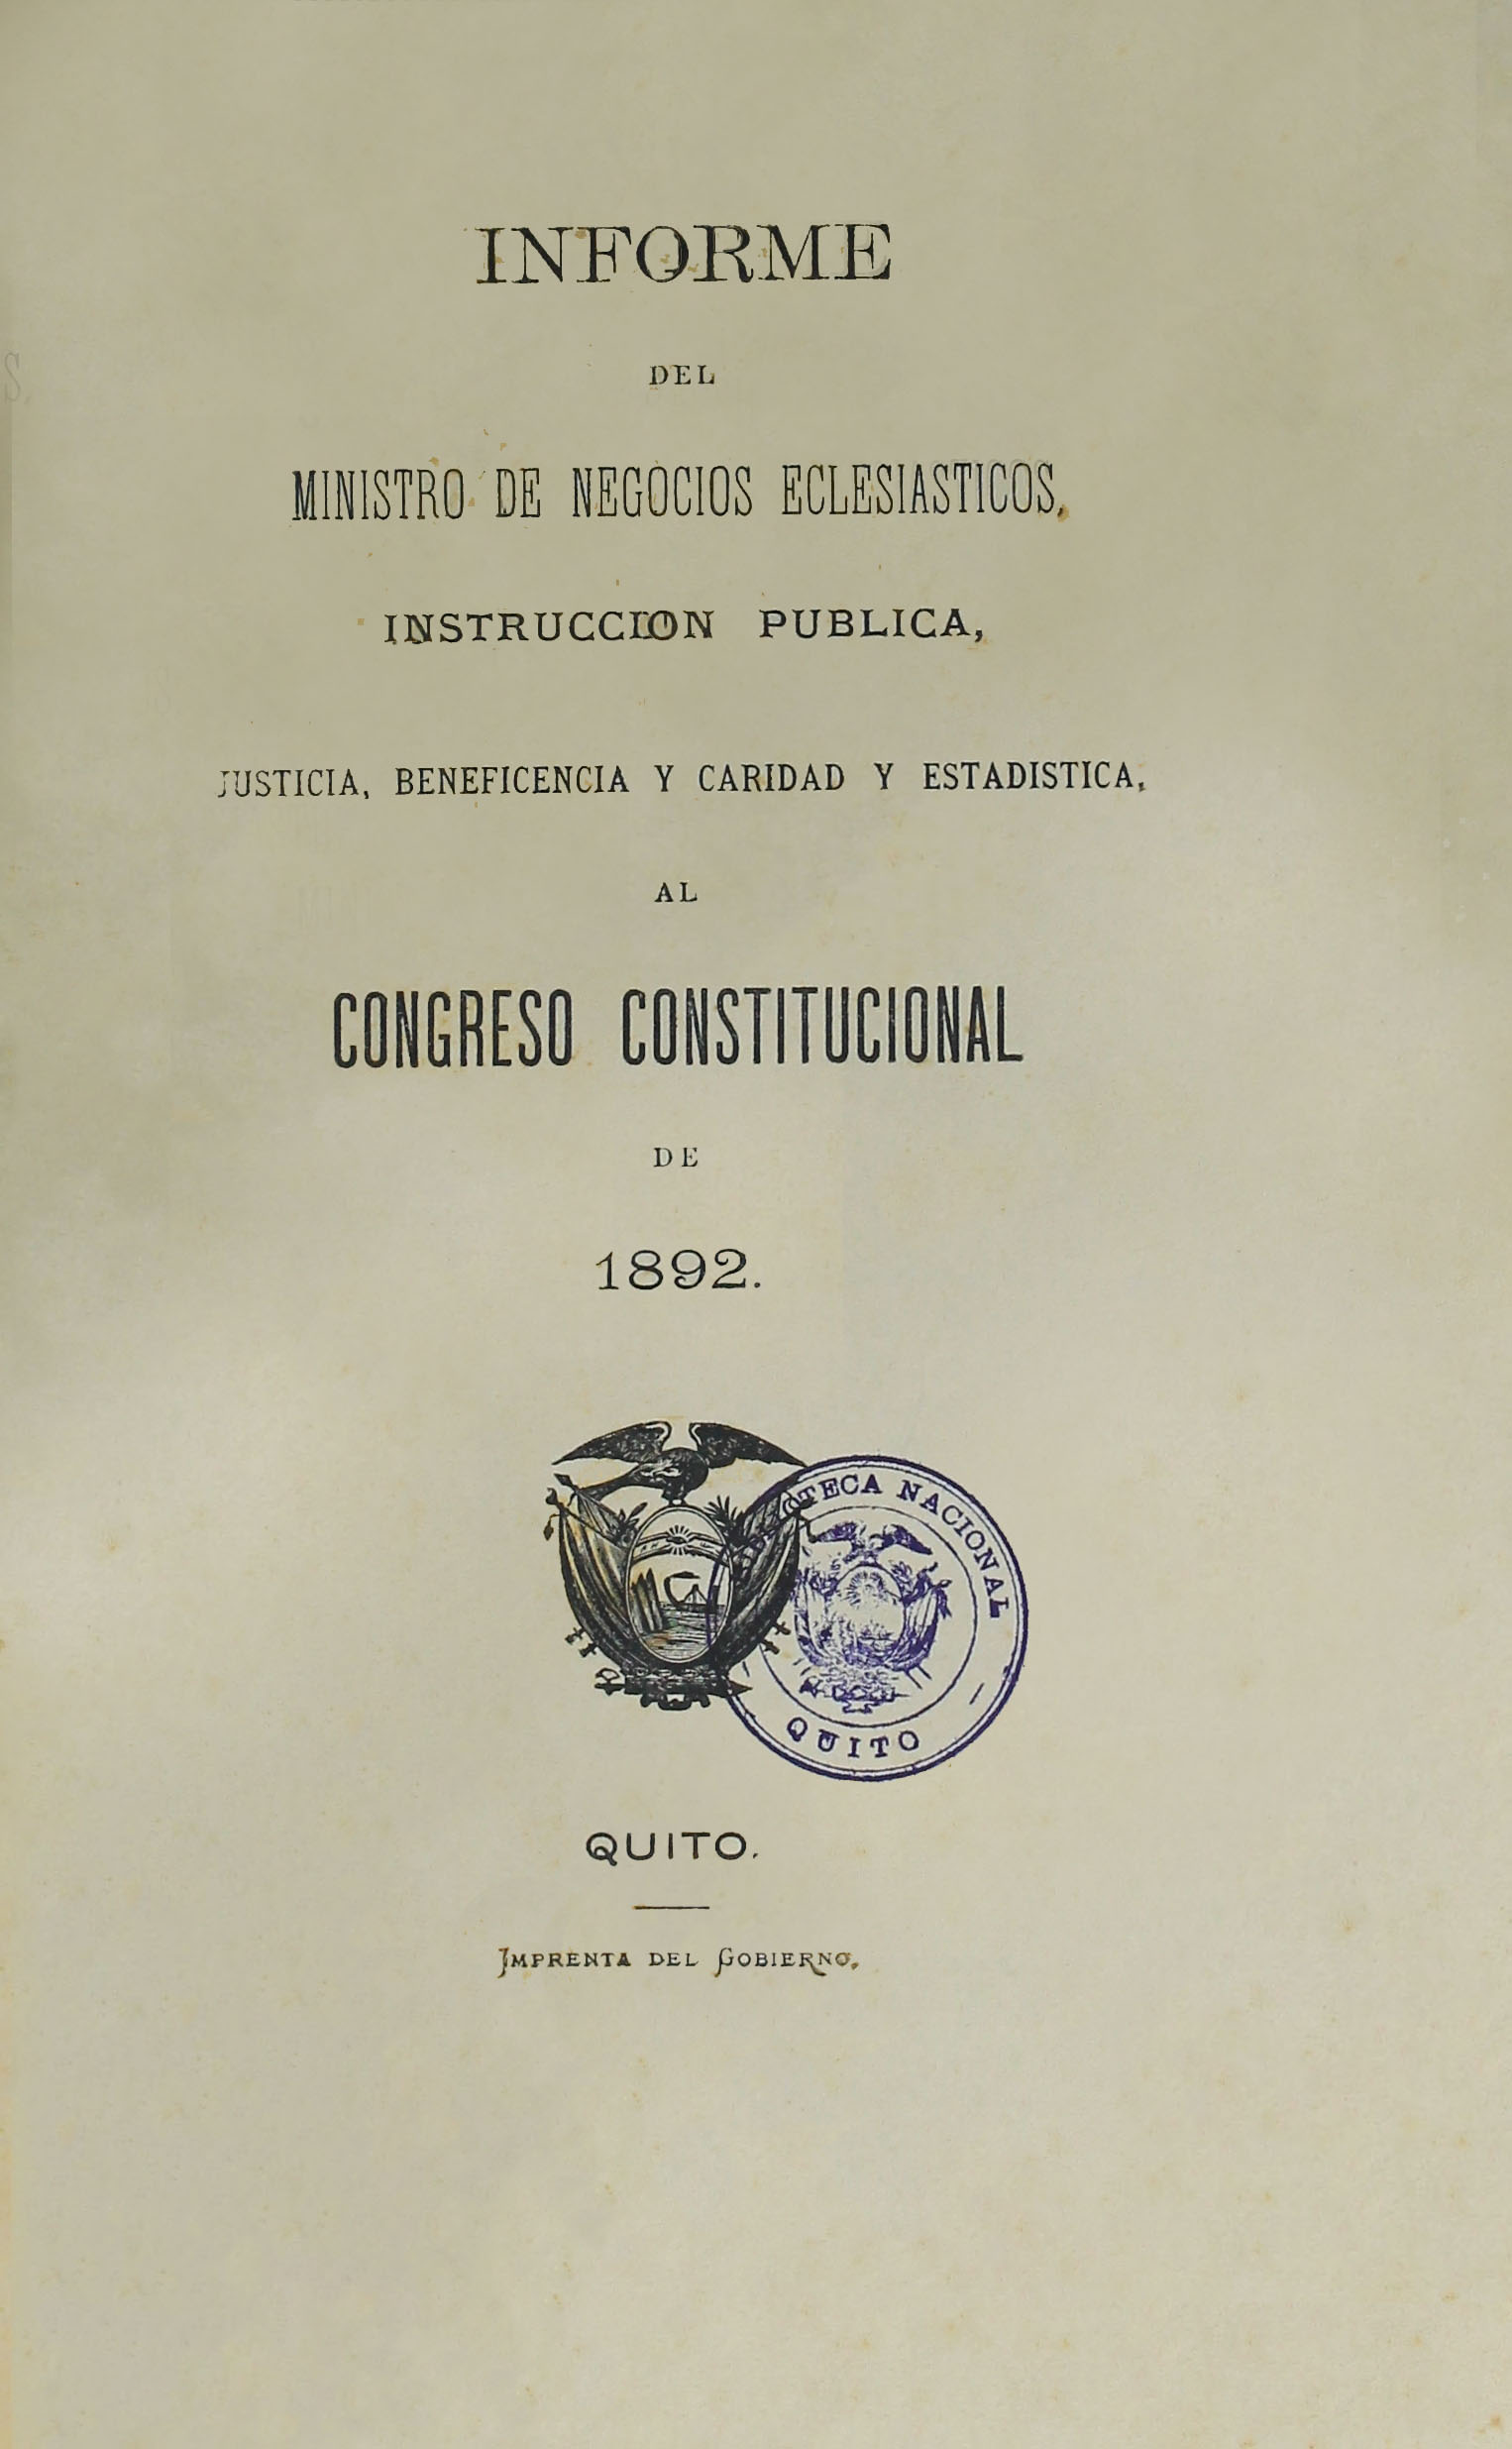 Informe del Ministro de Negocios Eclesiásticos, Instrucción Pública, Justicia, Beneficencia y Caridad y Estadística, al Congreso Constitucional de 1892.